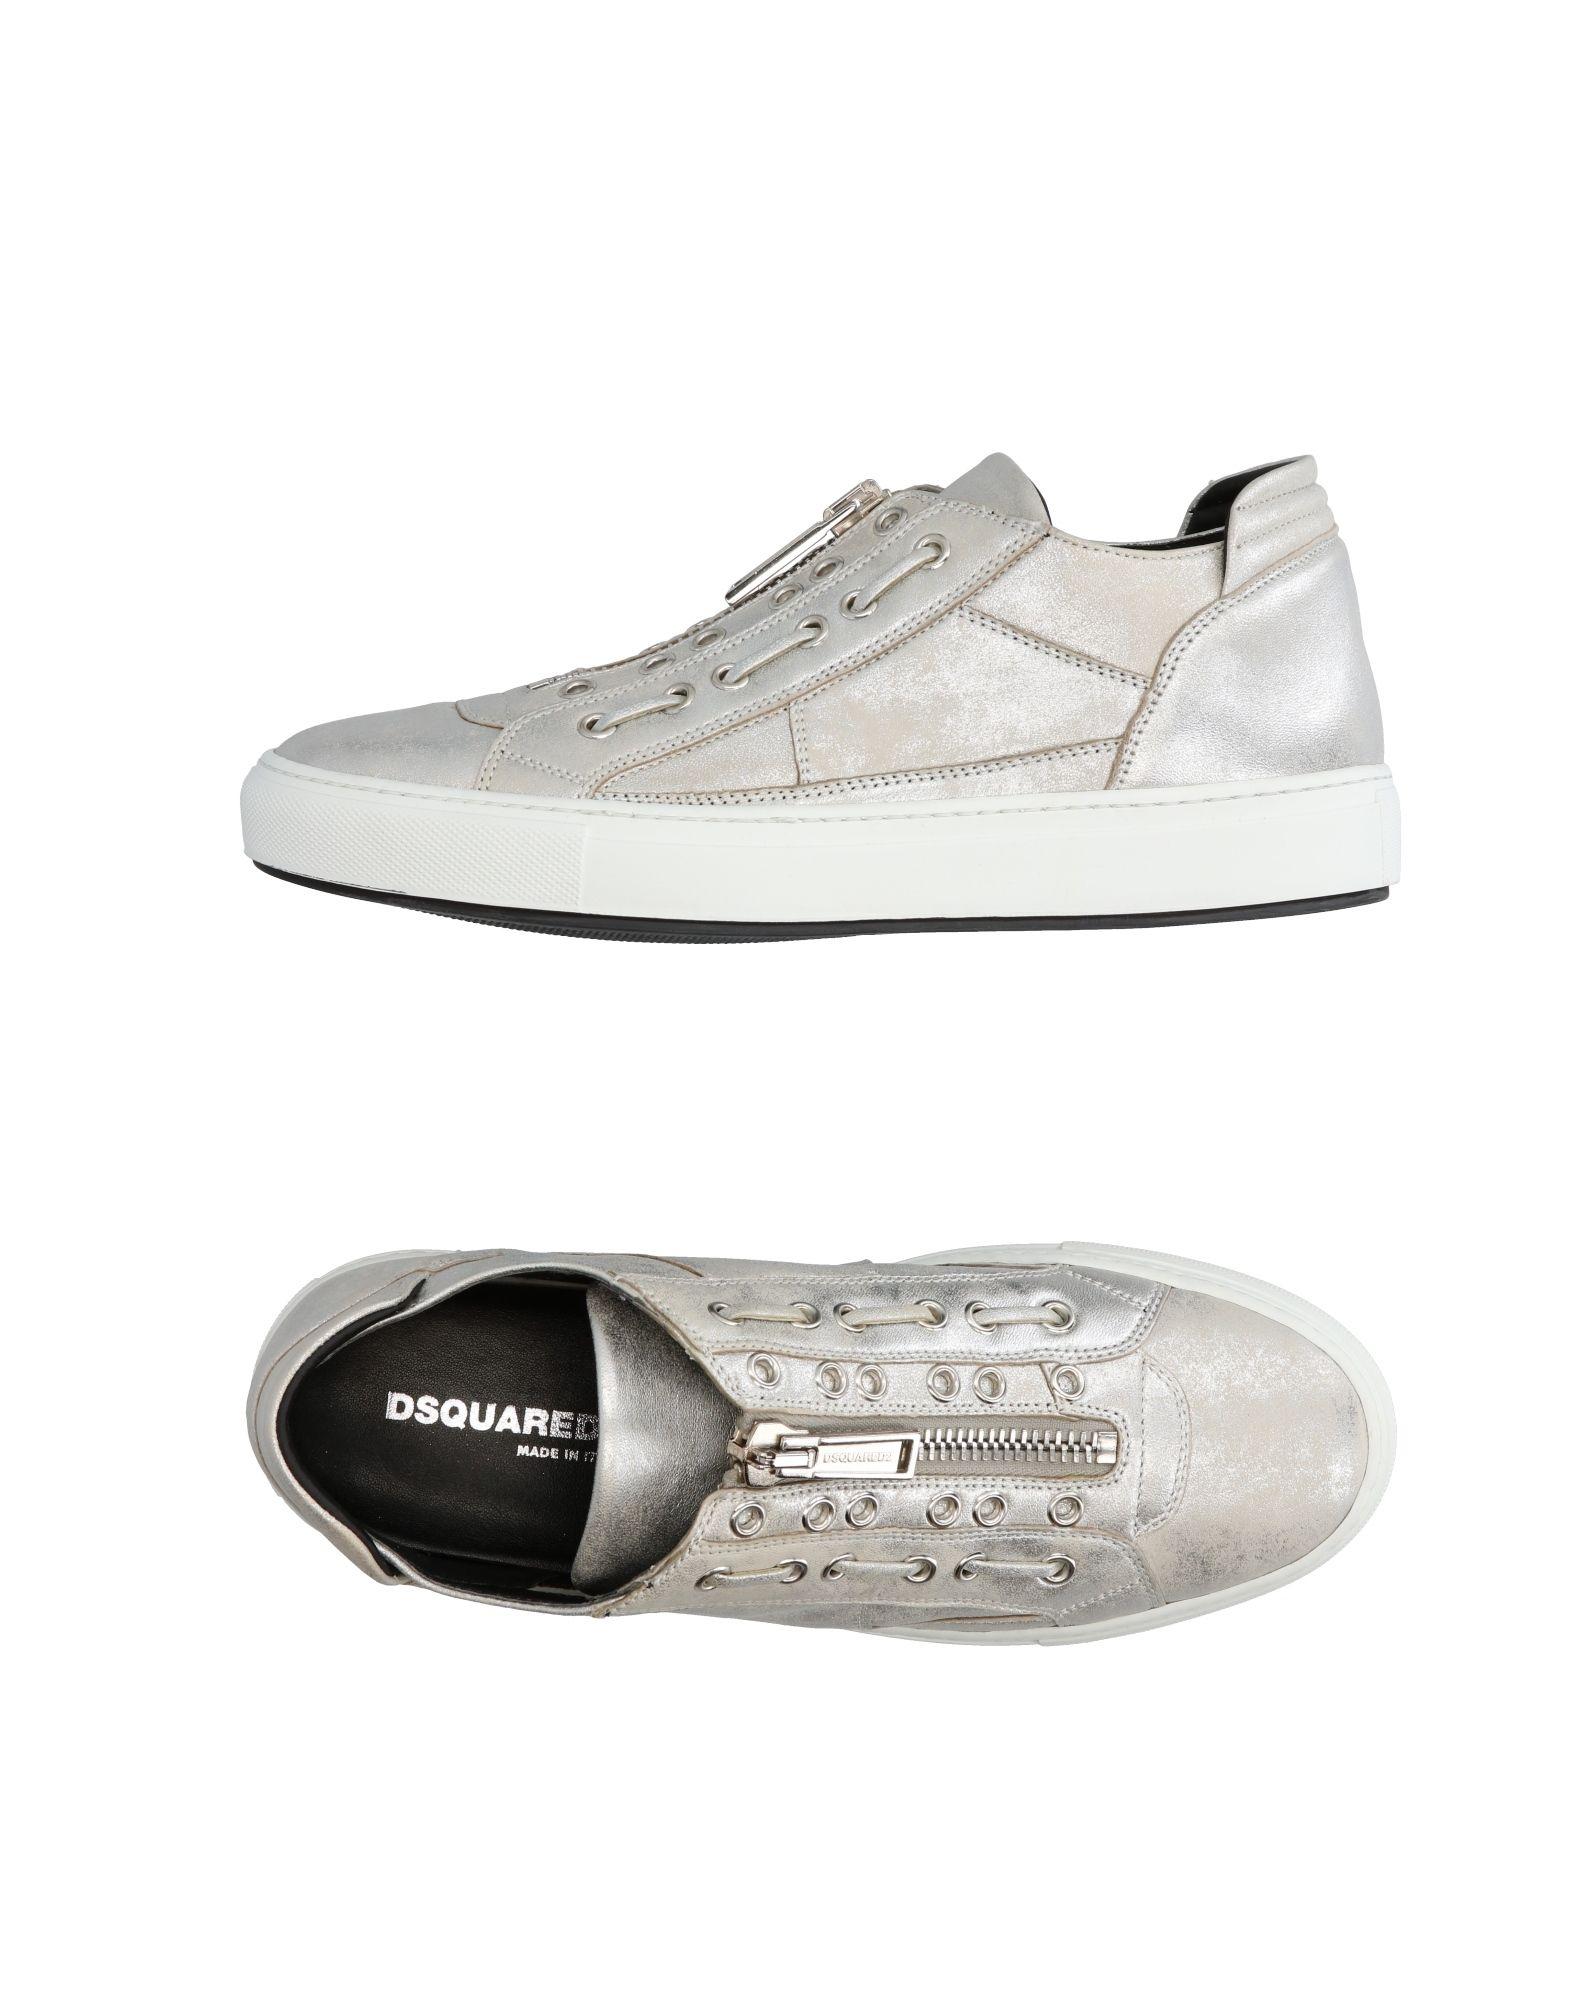 Dsquared2 Sneakers Herren Herren Sneakers  11298744UK Heiße Schuhe 293ee0